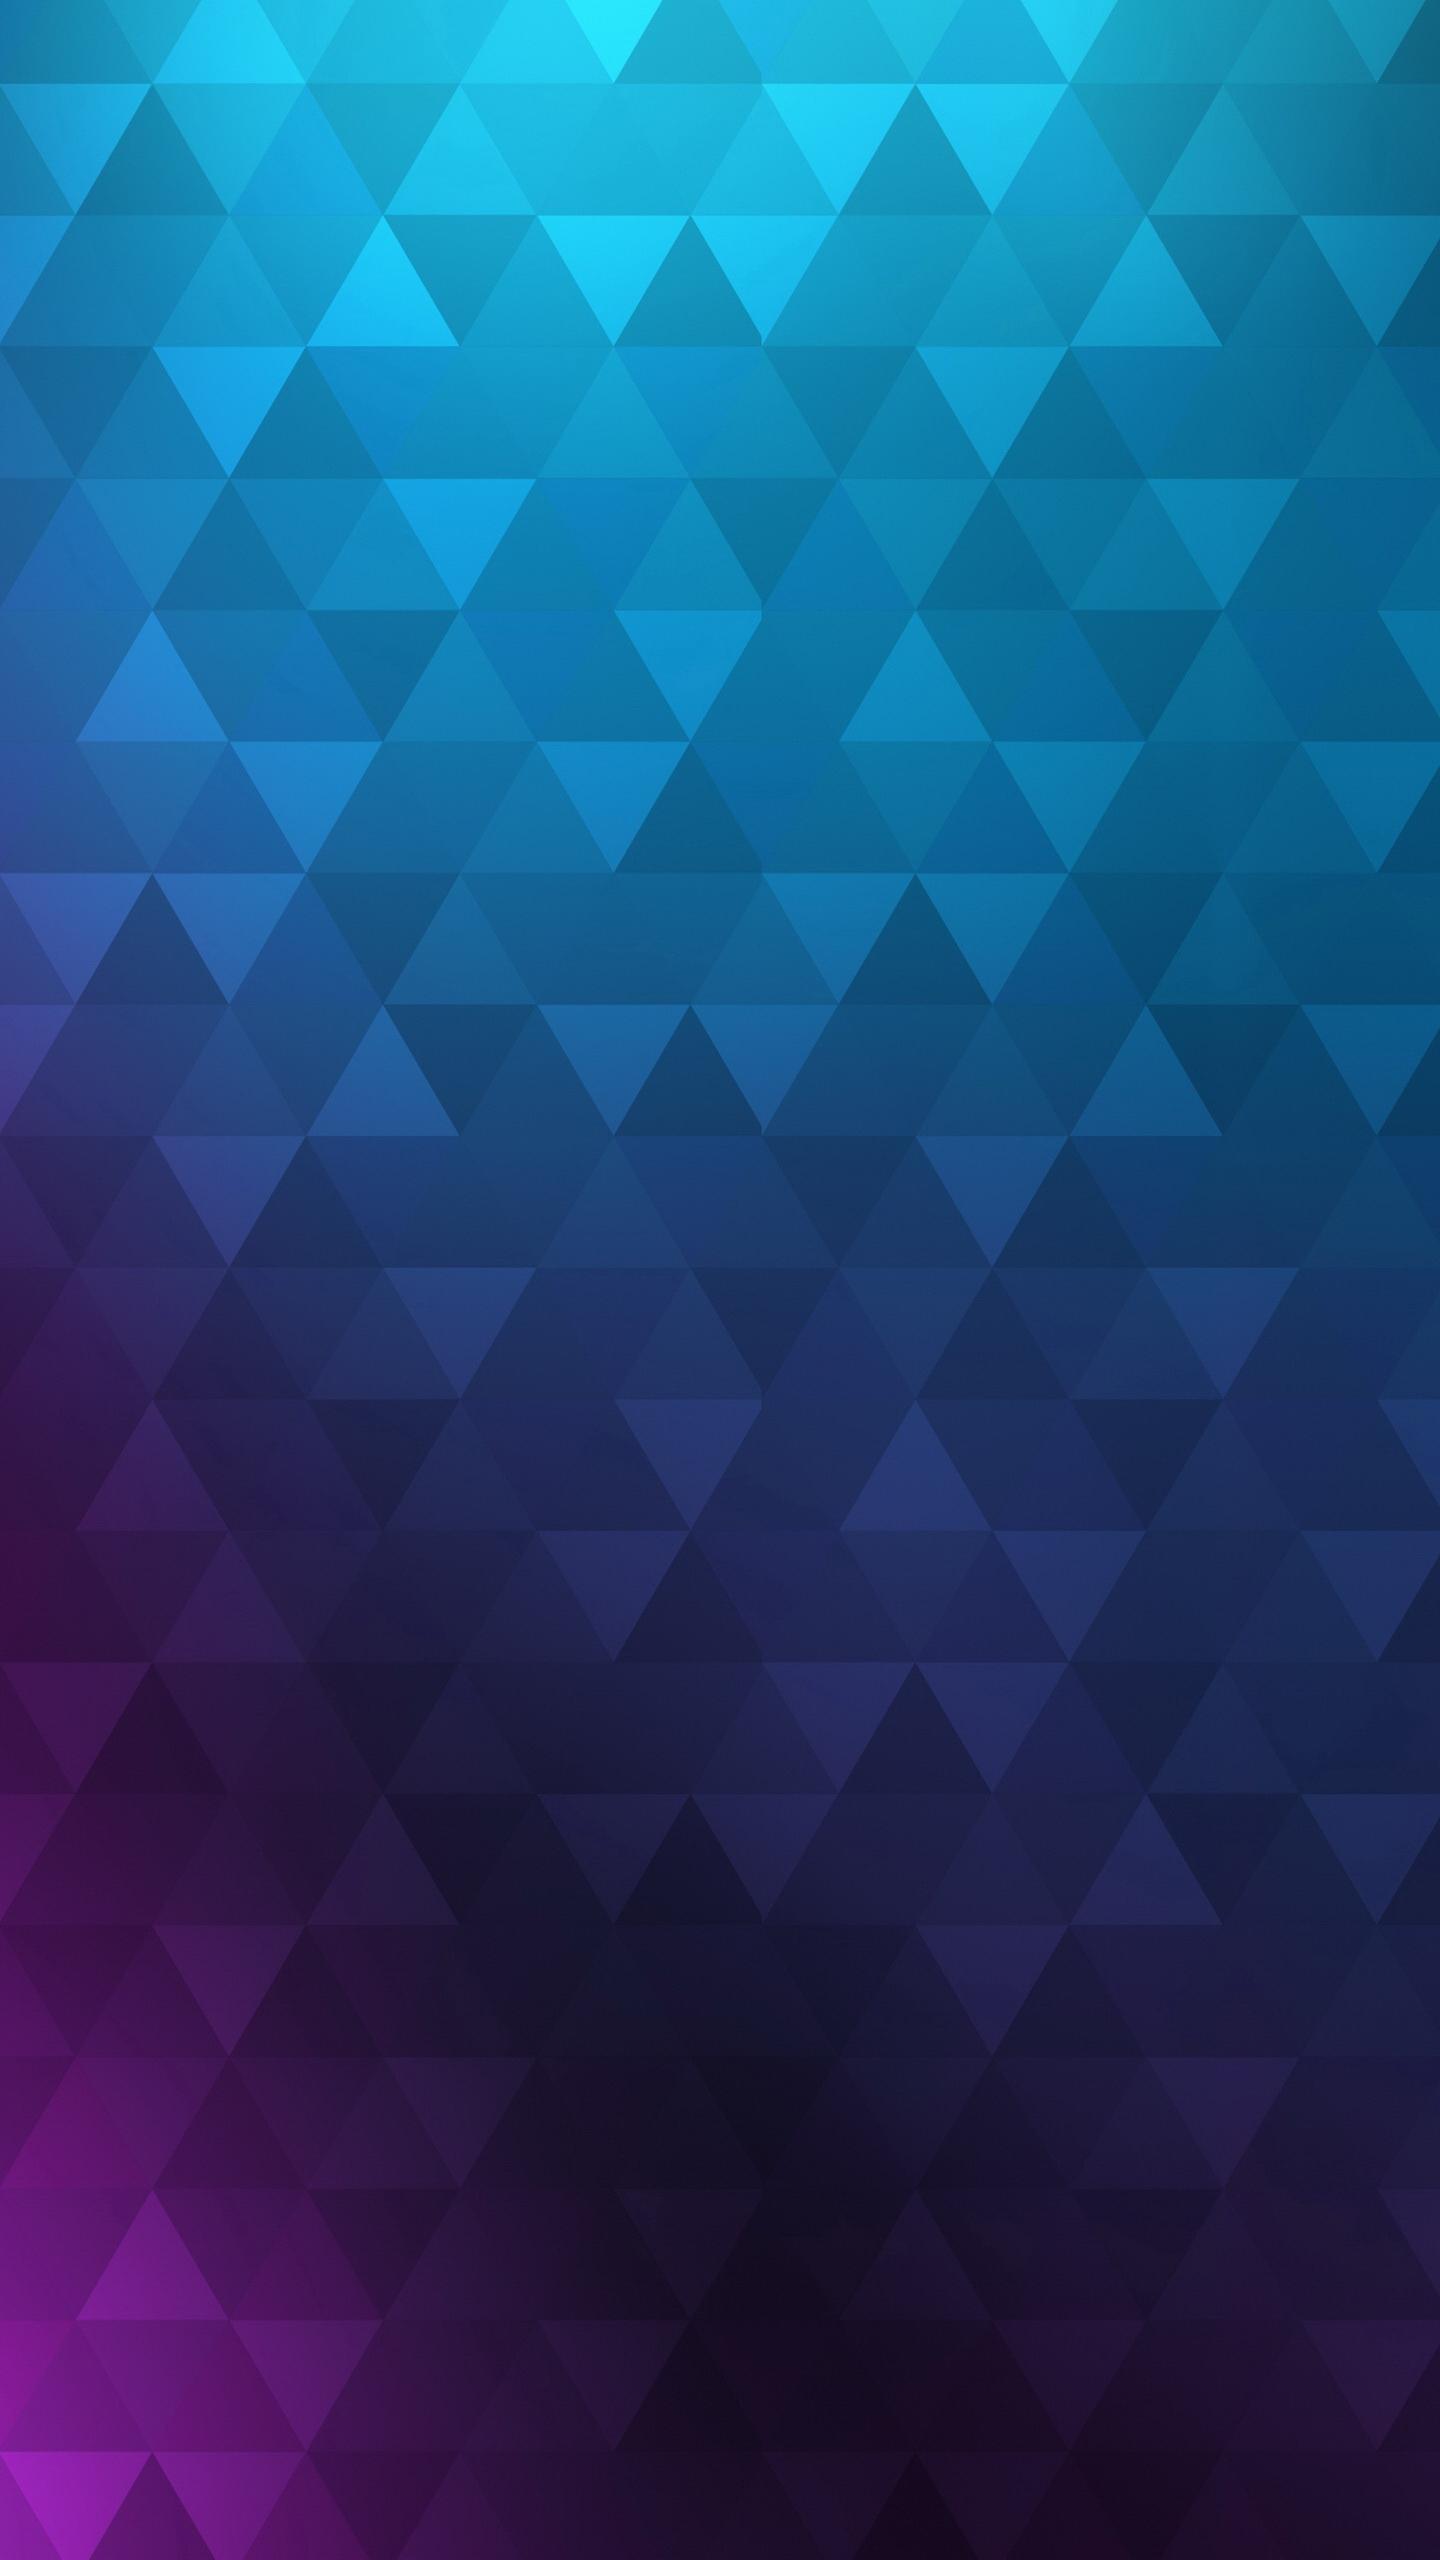 Cyan Wallpaper HD - WallpaperSafari